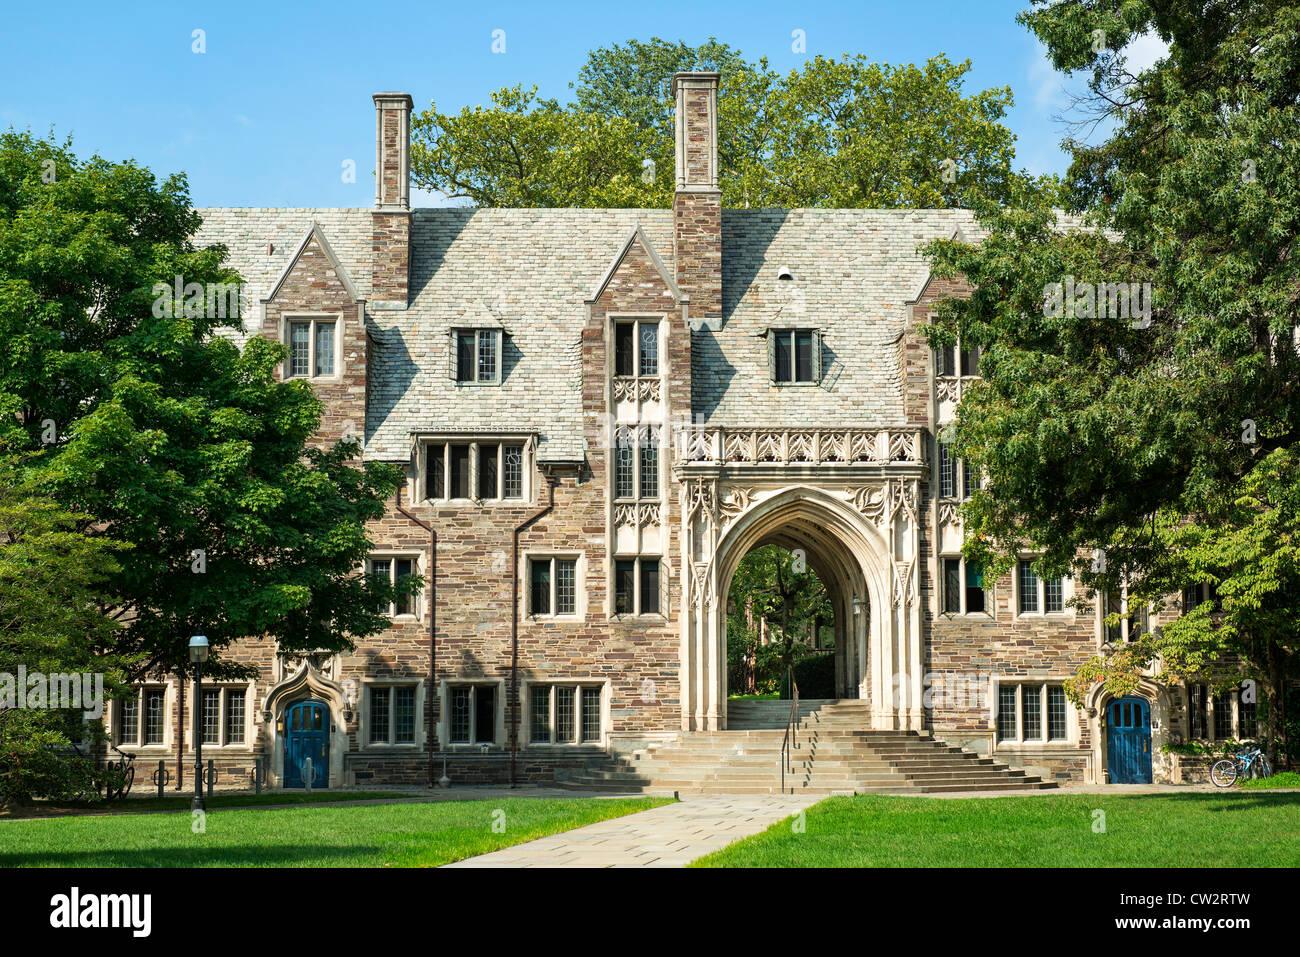 Lockhart Hall, de la Universidad de Princeton, Nueva Jersey, EE.UU. Imagen De Stock